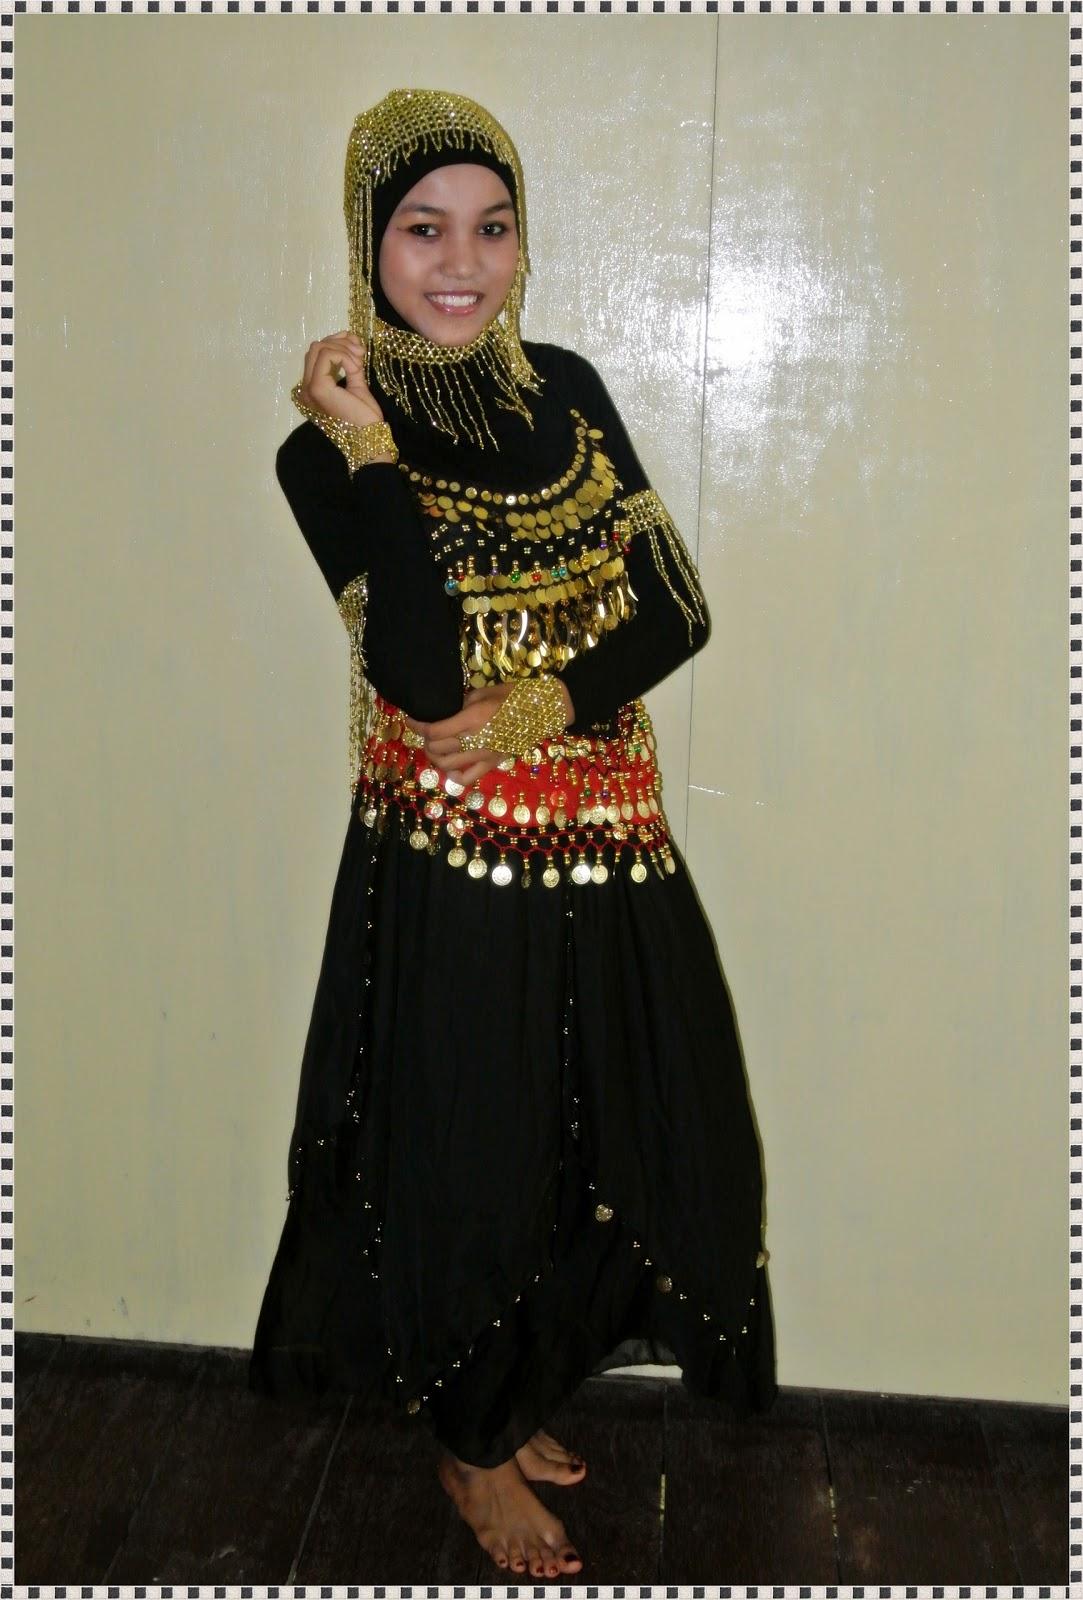 Redshop update baju arab arabian costumes untuk Baju gamis model najwa